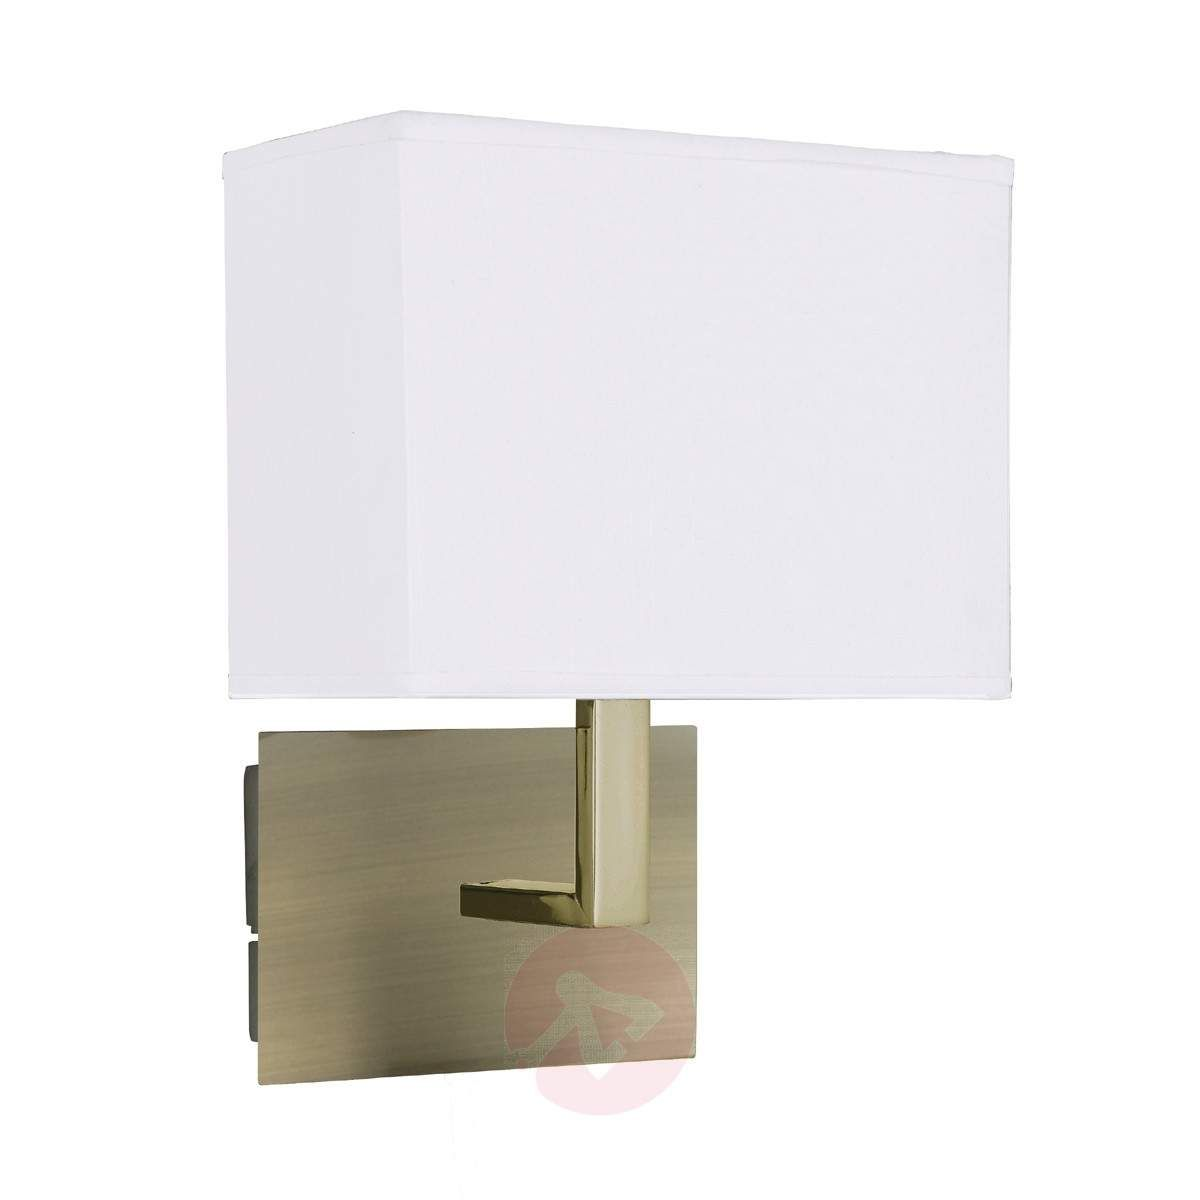 Applique Dario Avec Abat Jour Tissu De Searchlight Abat Jour Lampe Plafonnier Et Luminaire Applique Murale